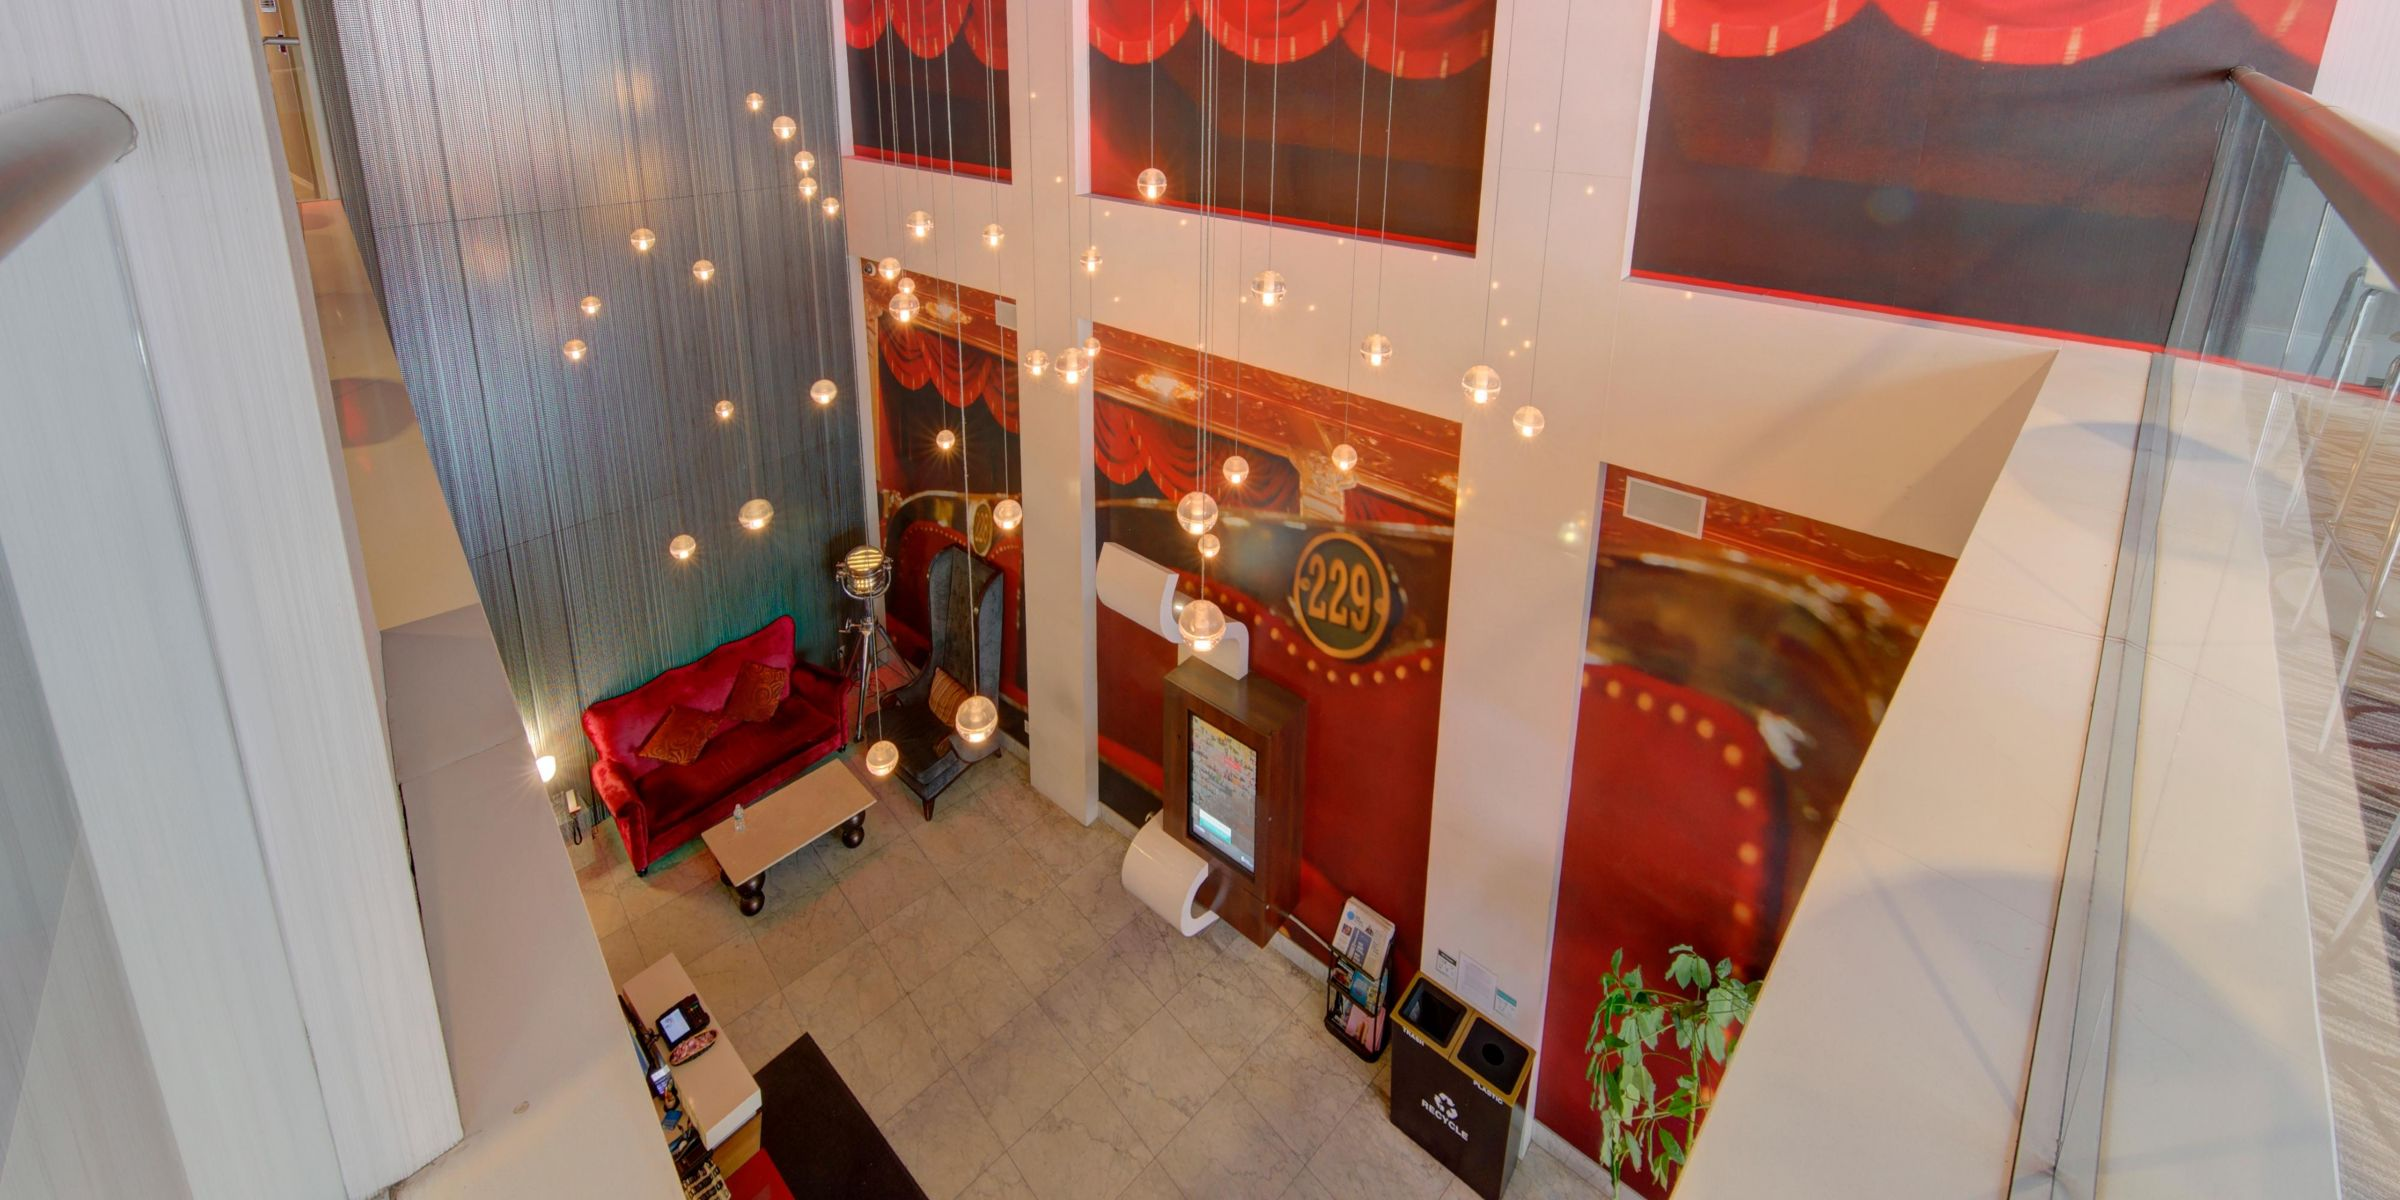 Hotel Indigo Brooklyn - Brooklyn, New York